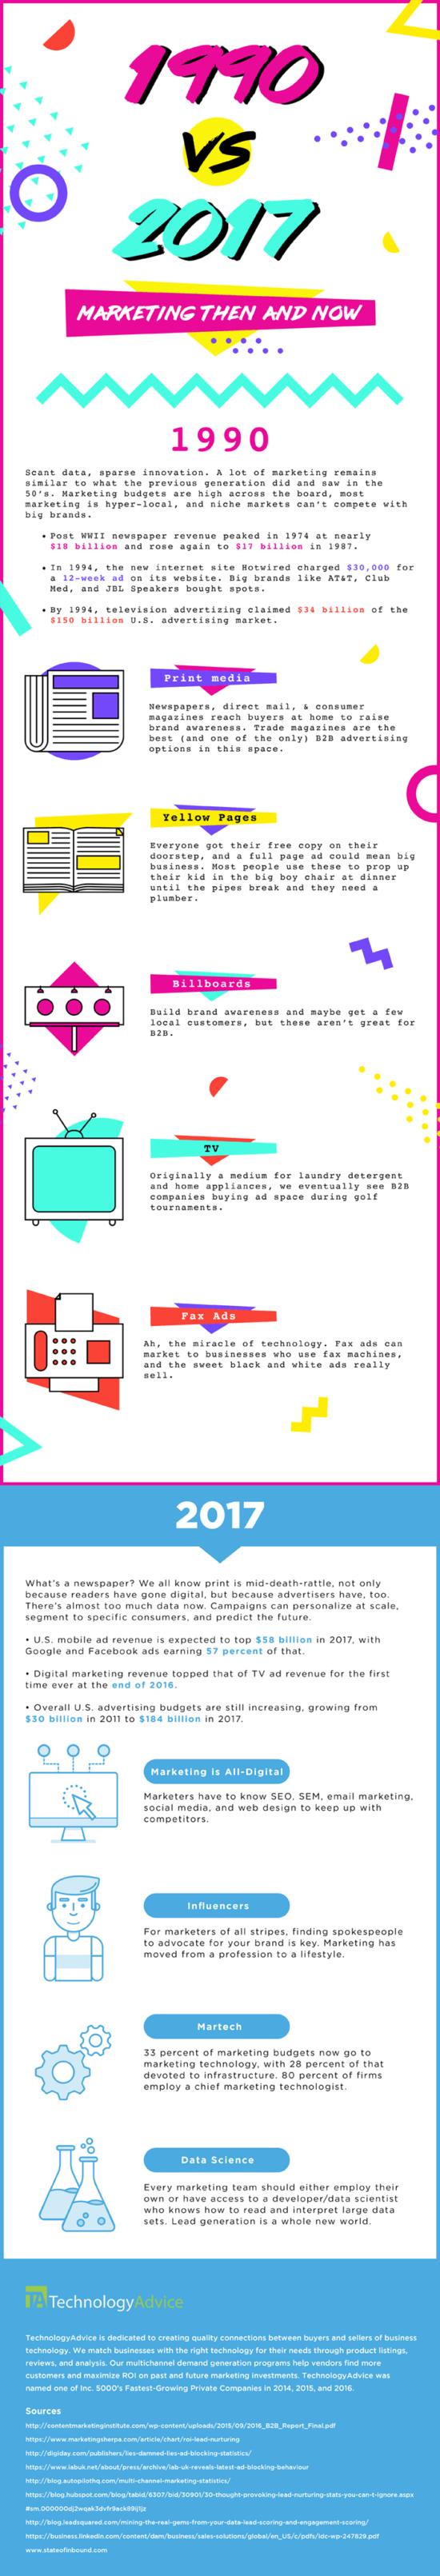 Jak se dělal marketing v devadesátých letech?